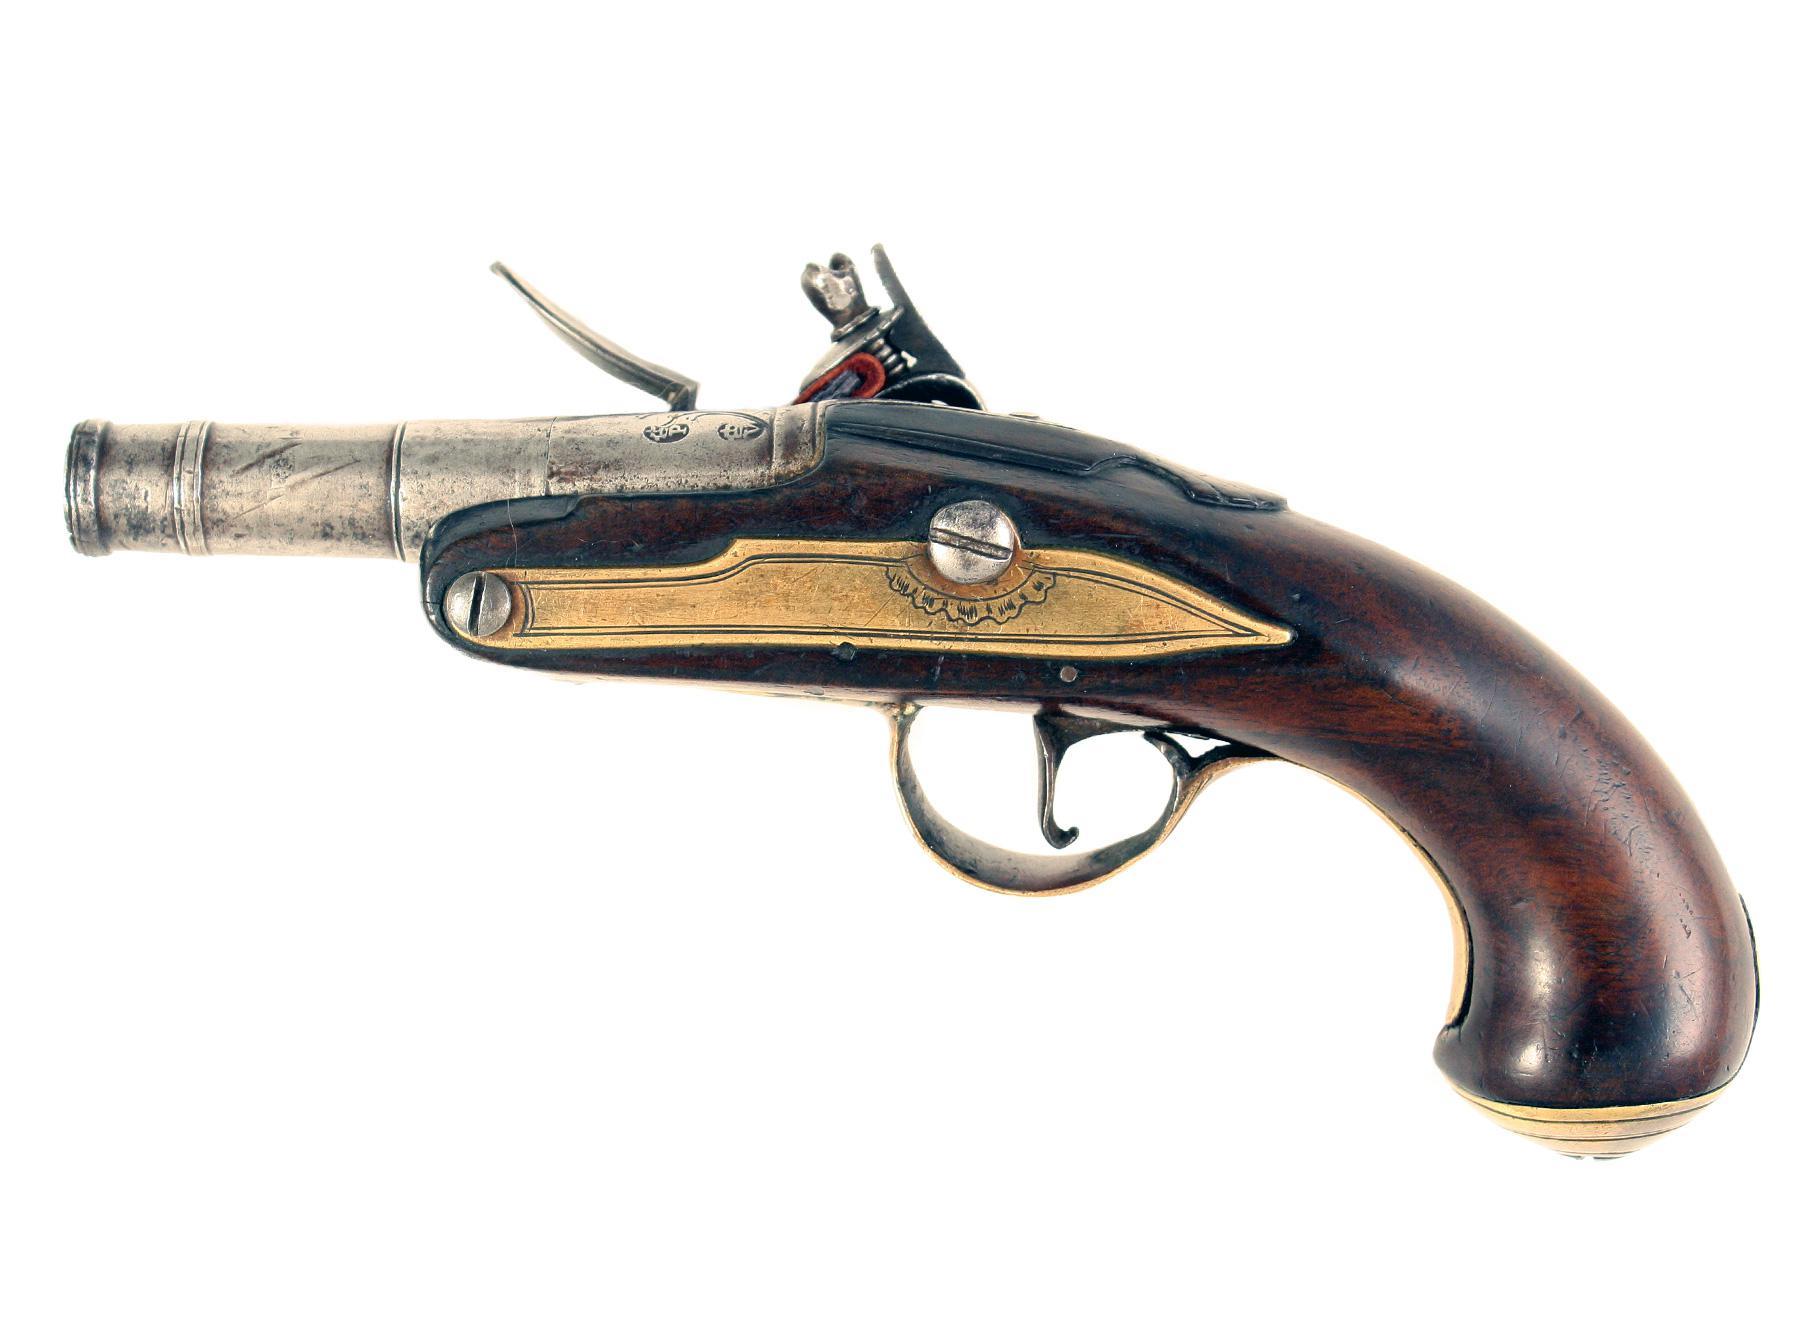 An Early Flintlock Pocket Pistol